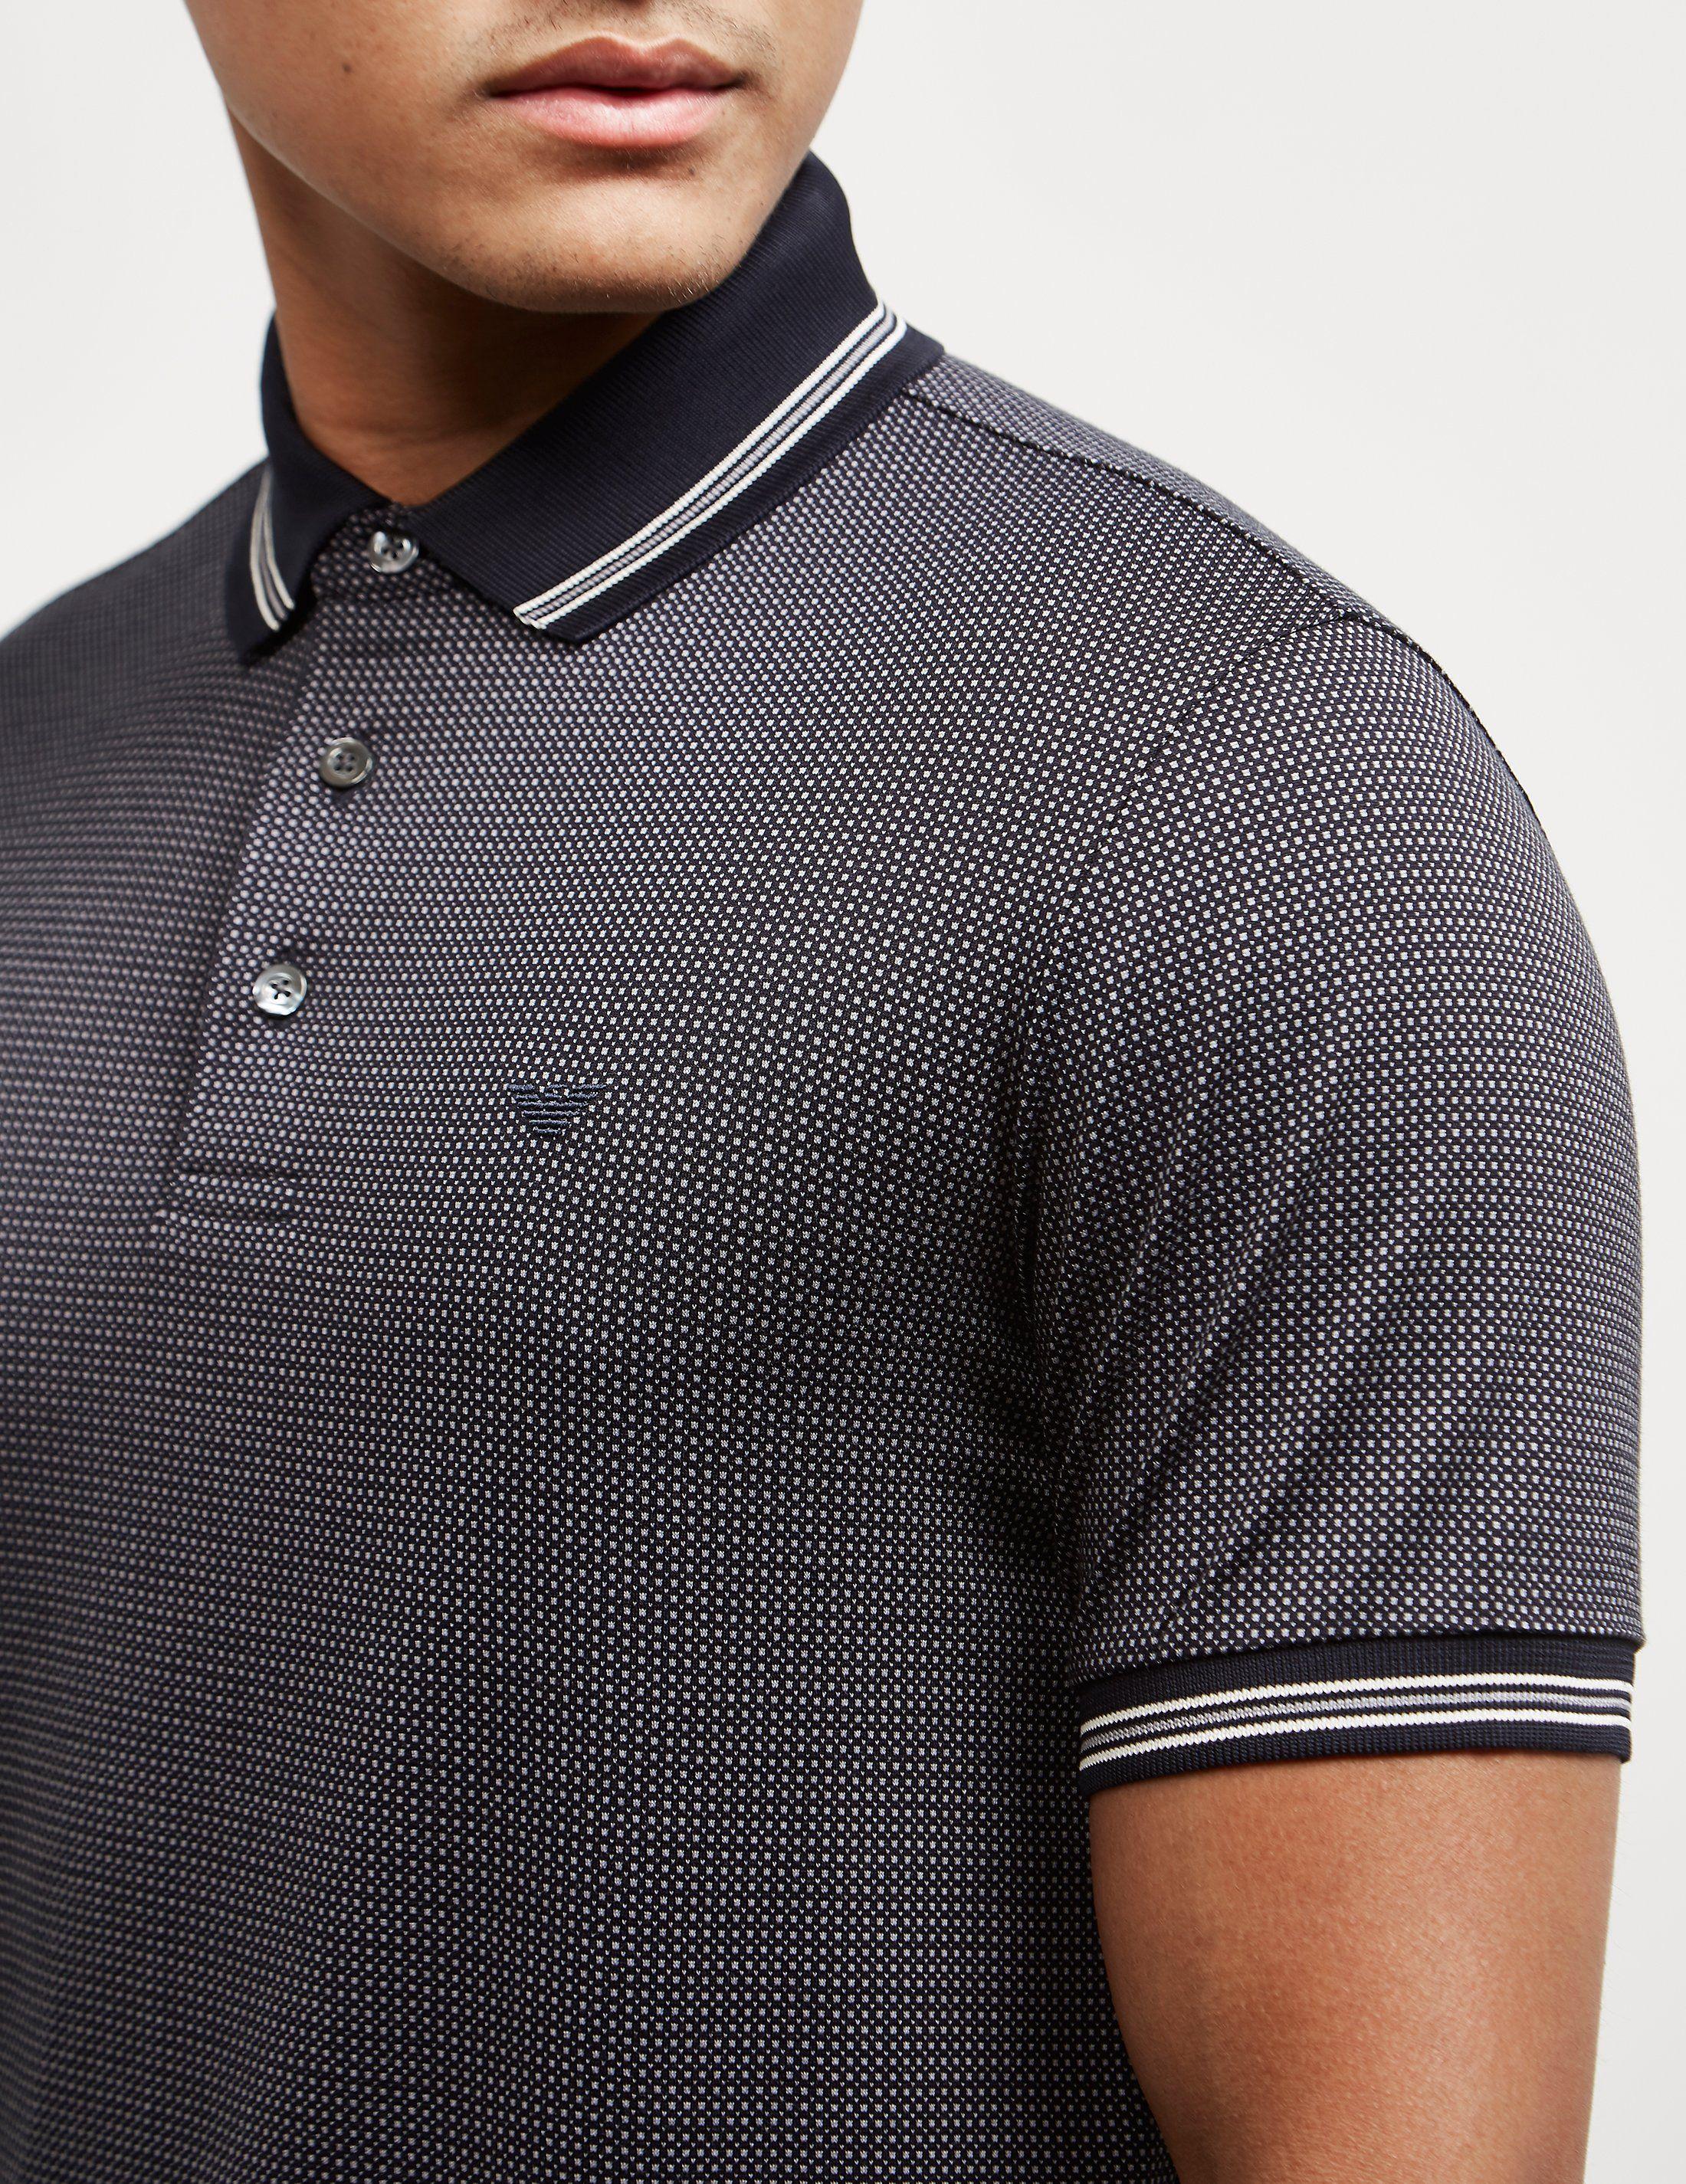 Emporio Armani Spots Short Sleeve Polo Shirt